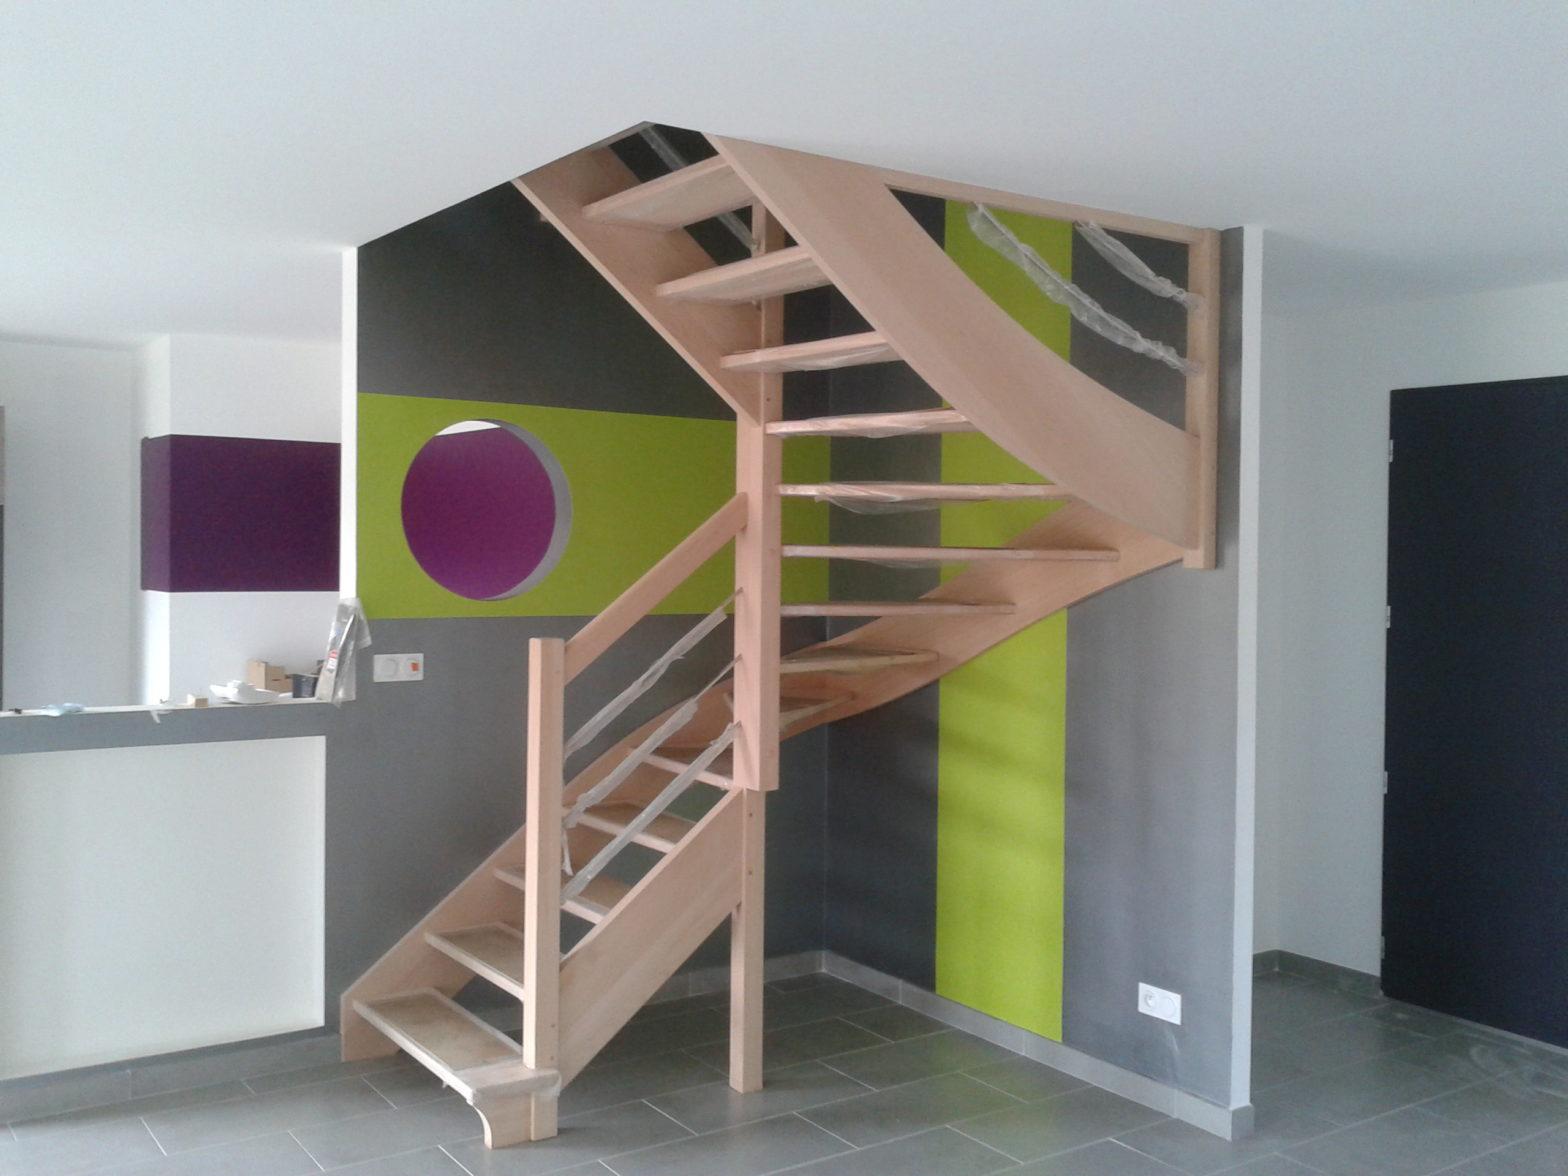 escalier double quart tournant riaux escalier 49 Saint barthelemy d'anjou